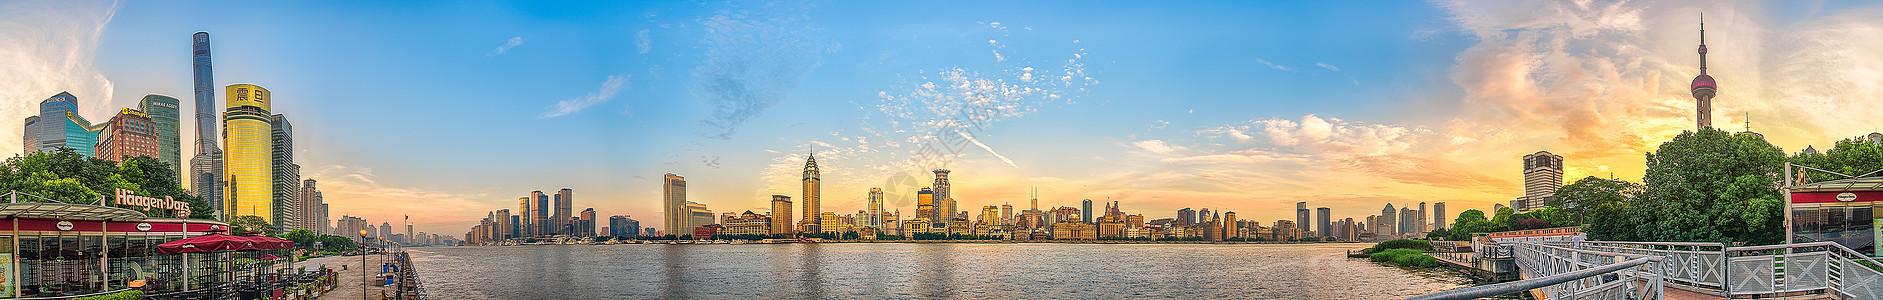 日出时分的浦江两岸(360度环绕)图片